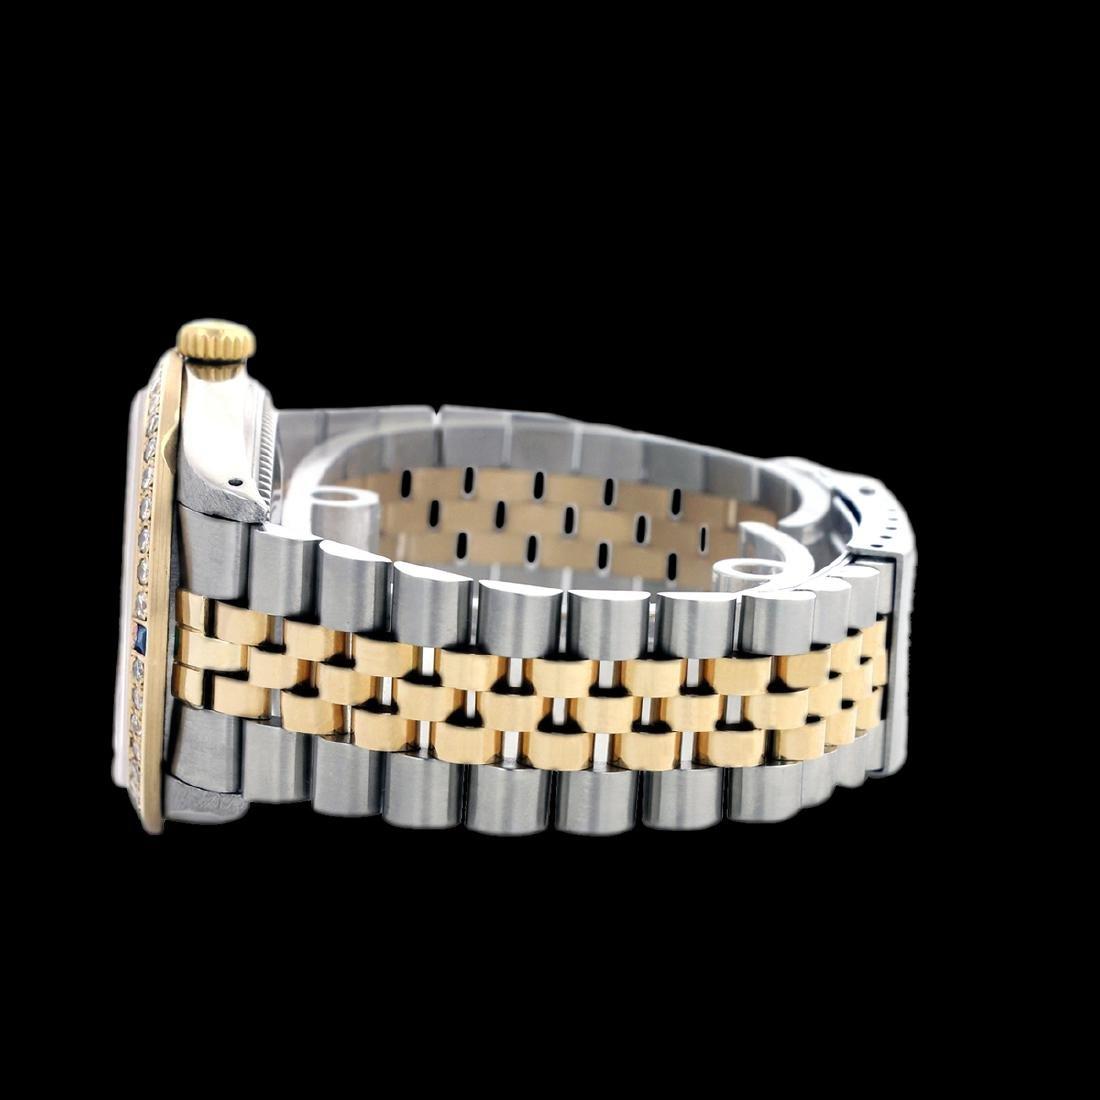 Rolex Men's Two Tone, QuickSet, Diam Dial & - 3